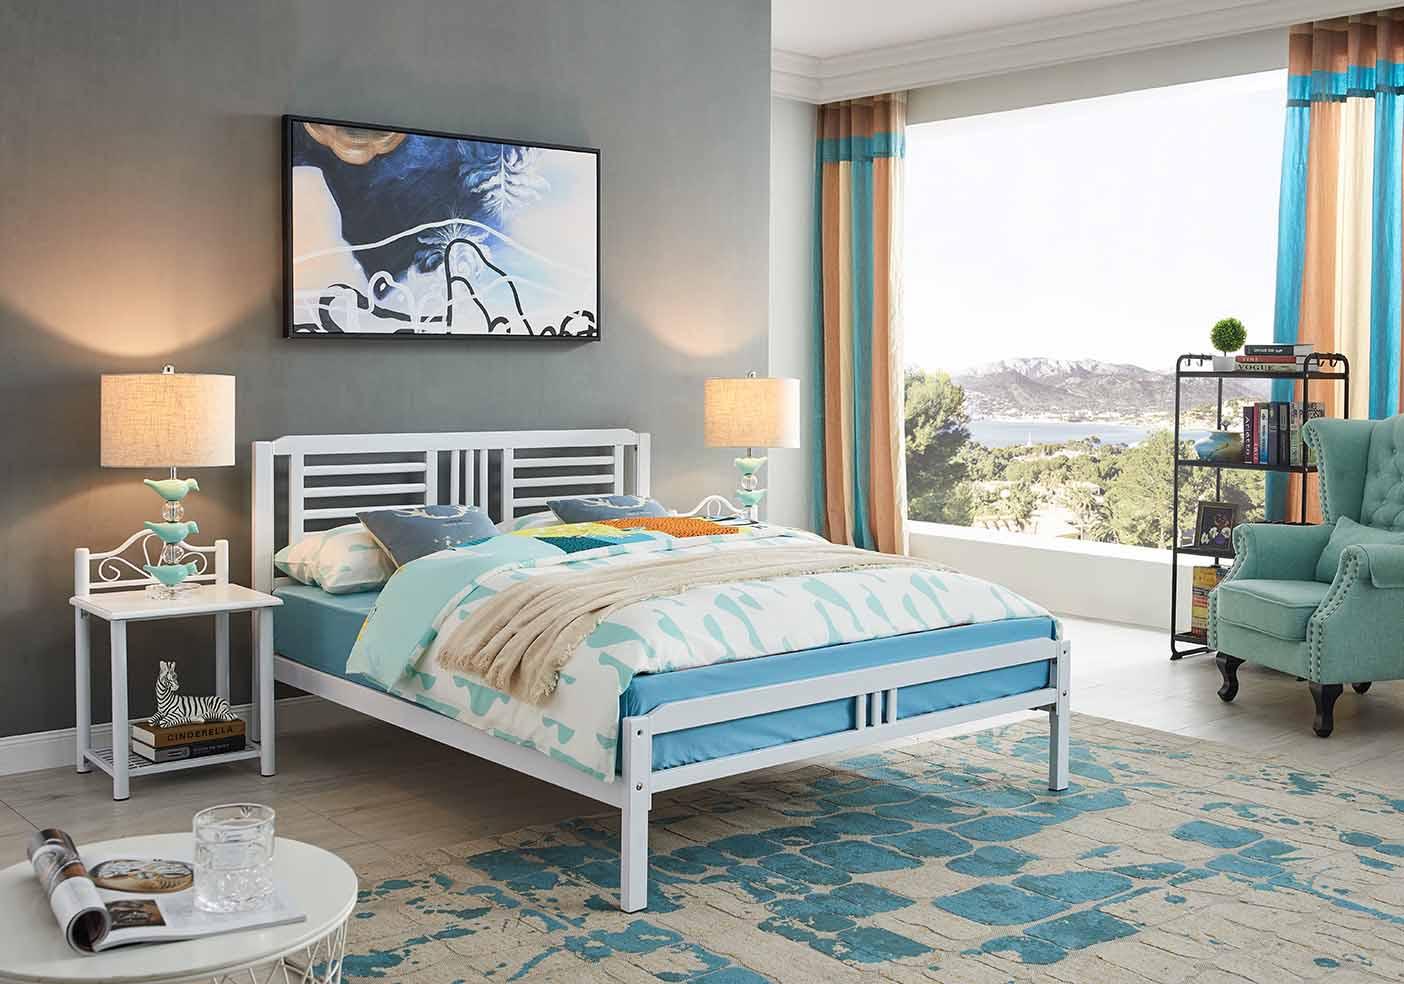 双人床尺寸-怎么买质量好的D-801白色铁艺床呢